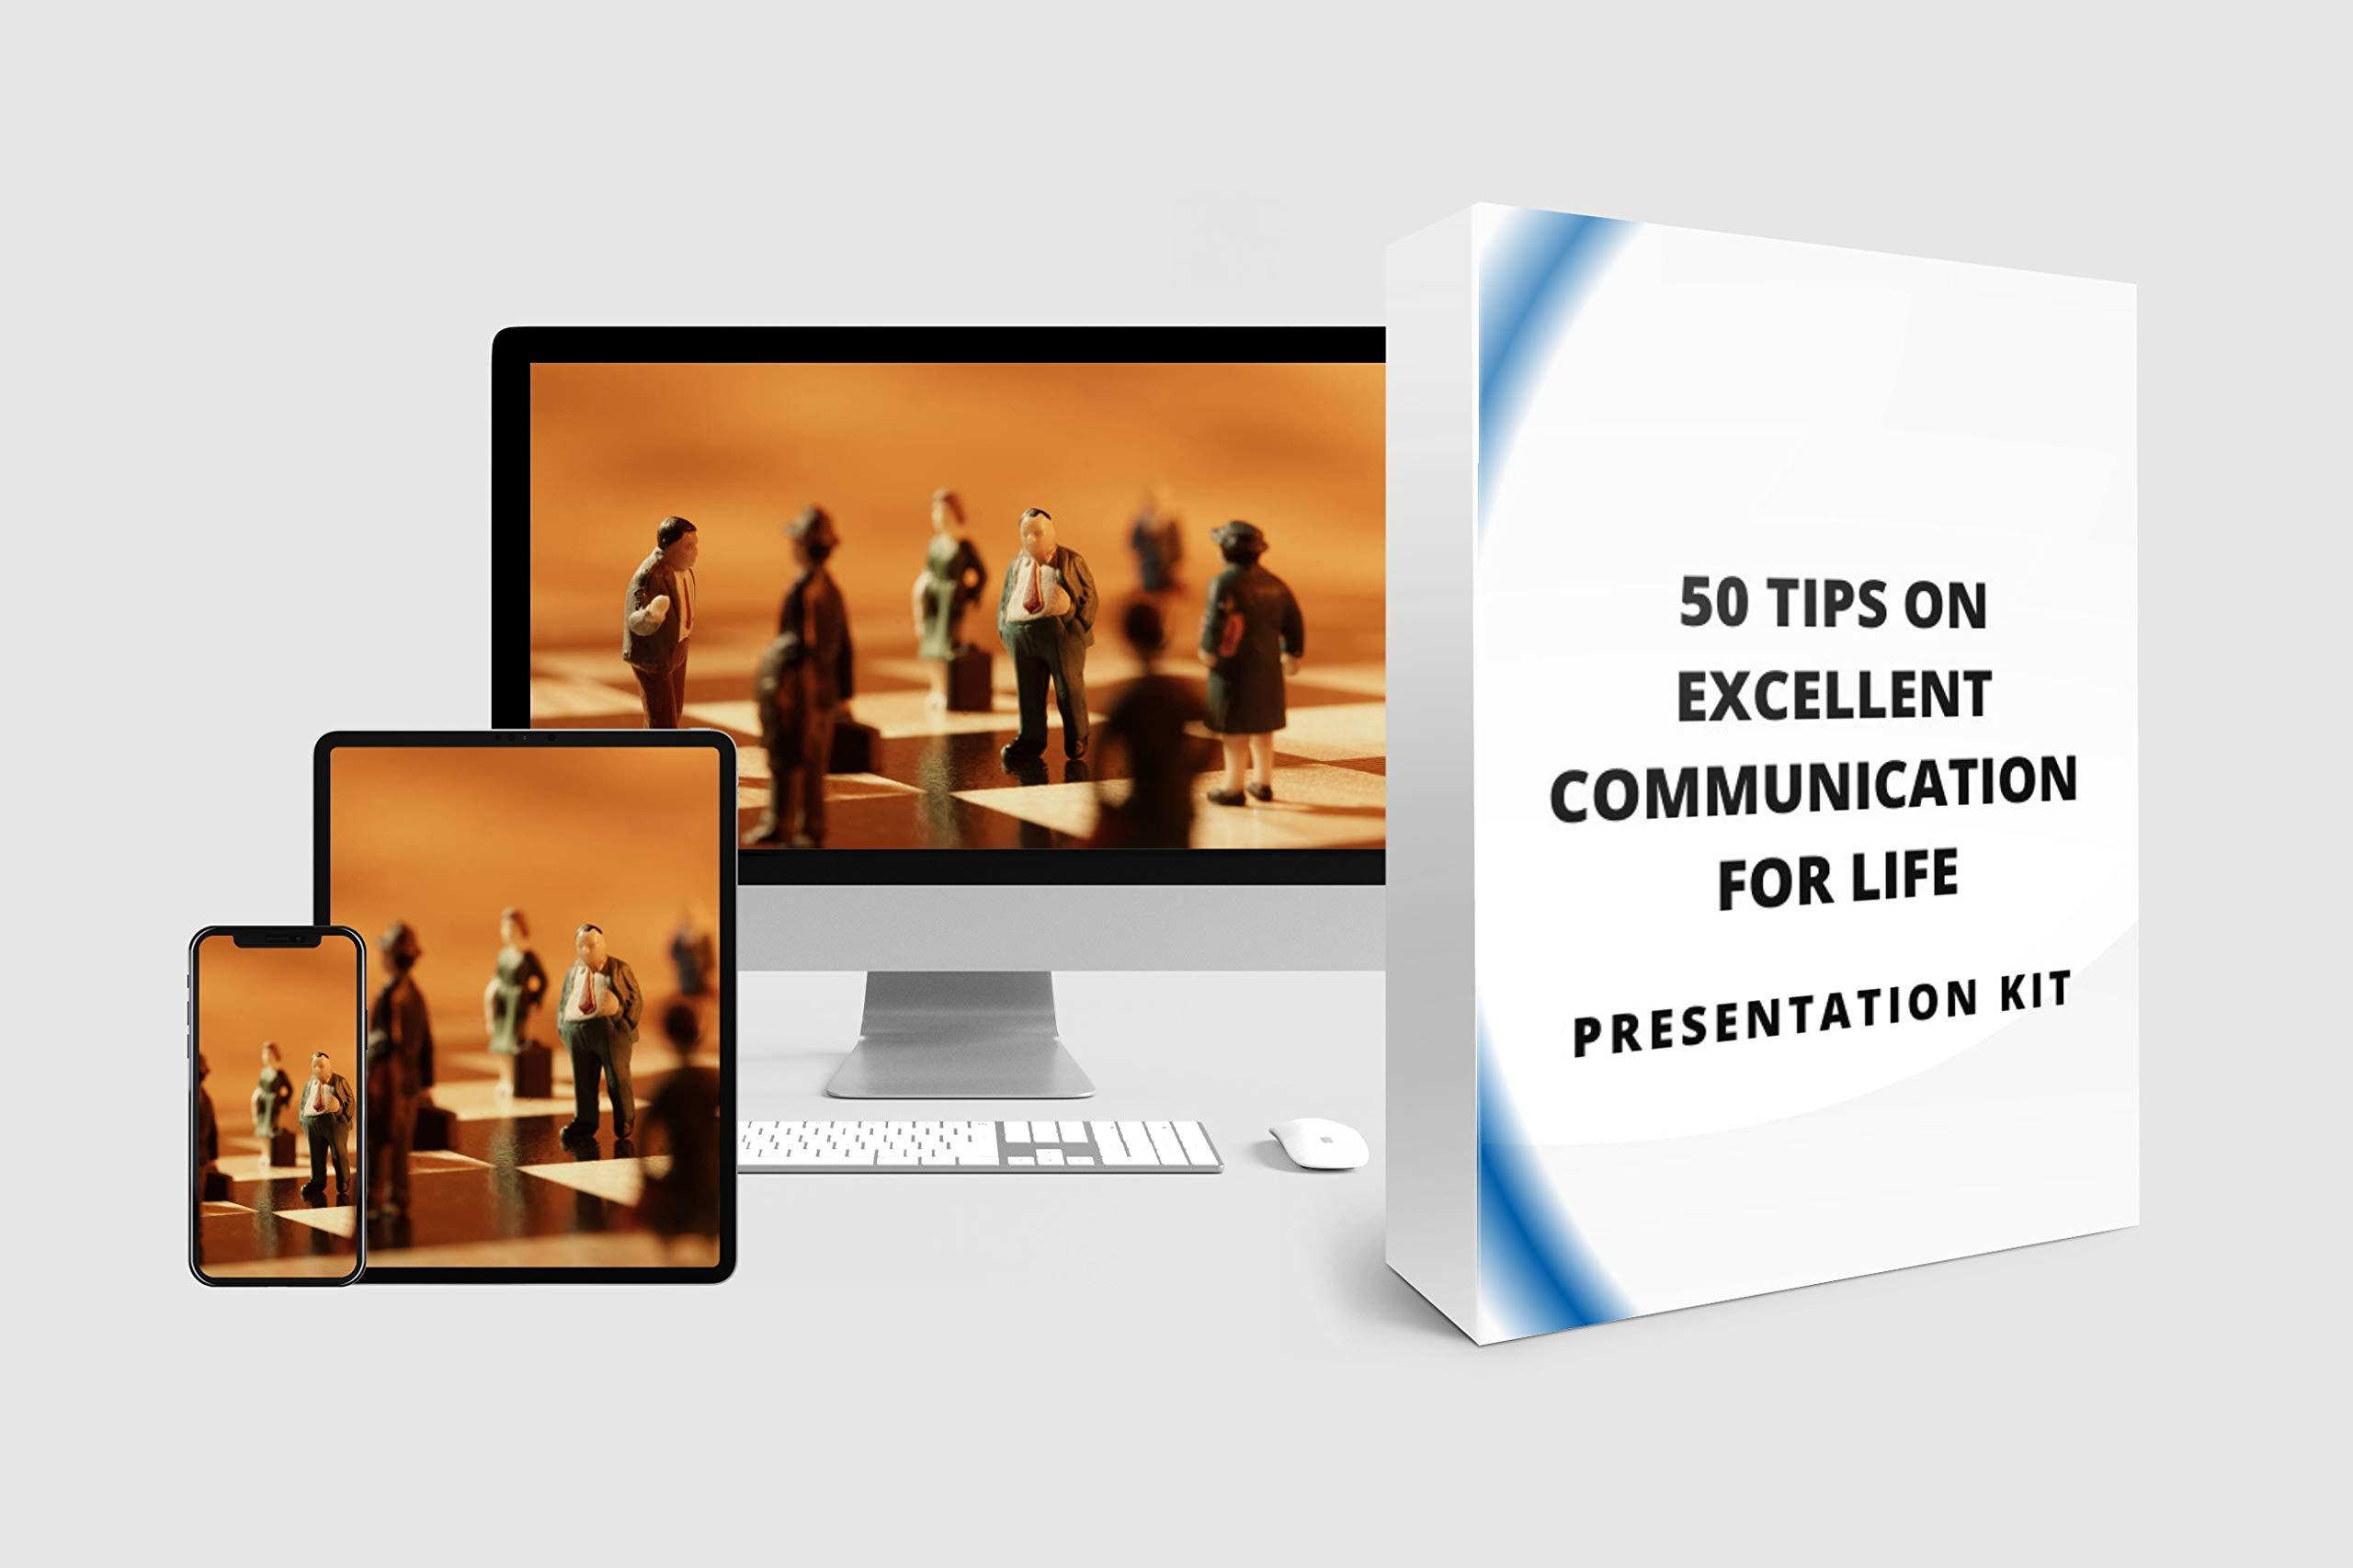 50 TIPS ON EXCELLENT COMMUNICATION FOR LIFE : BUNDLE PRESENTATION KITS